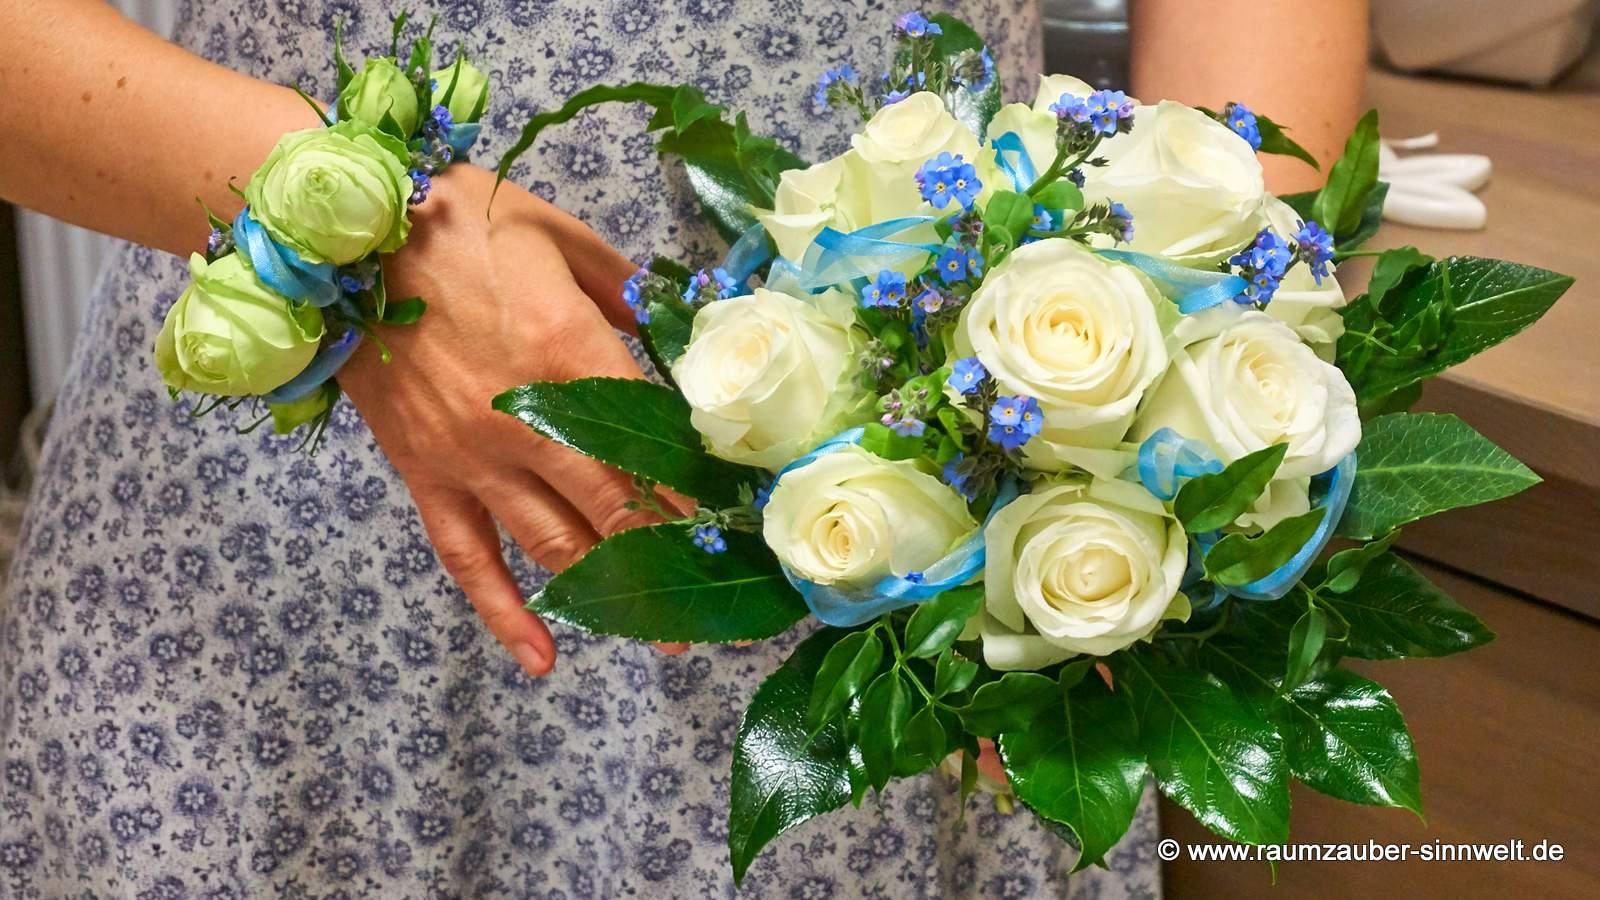 Armband und Brautstrauß mit Rosen und Vergissmeinnicht